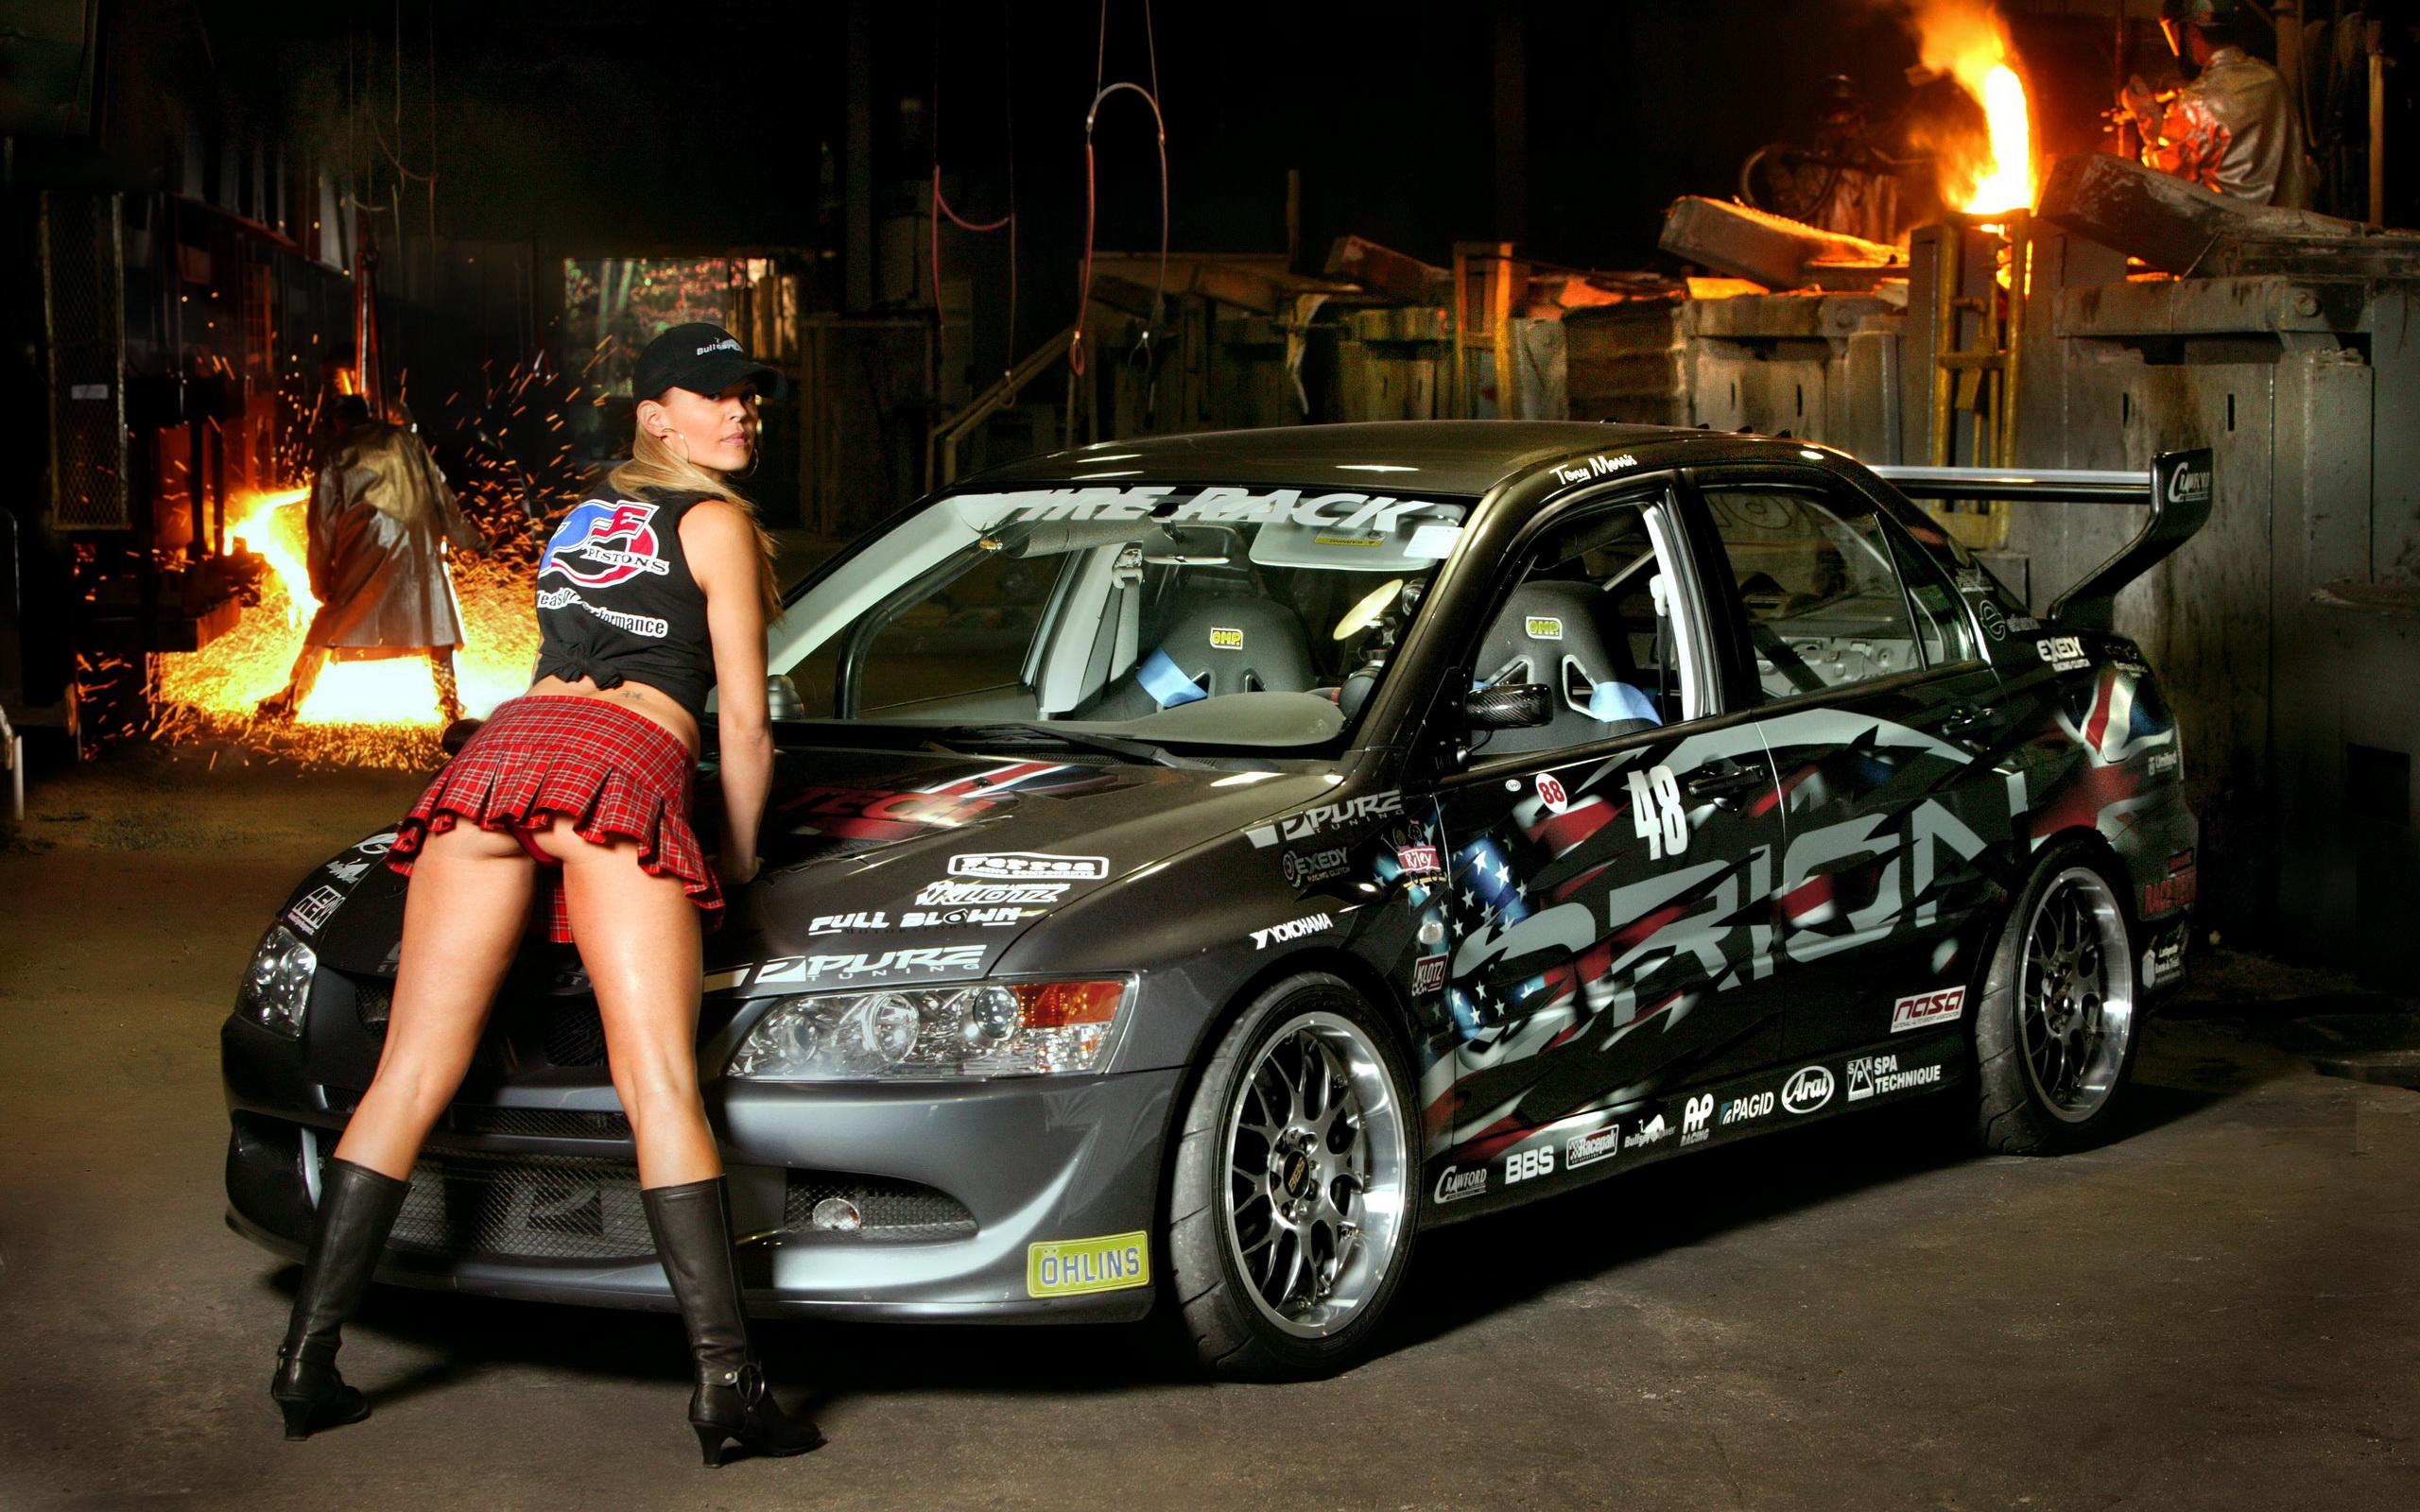 Гоночные машины и девушки фото